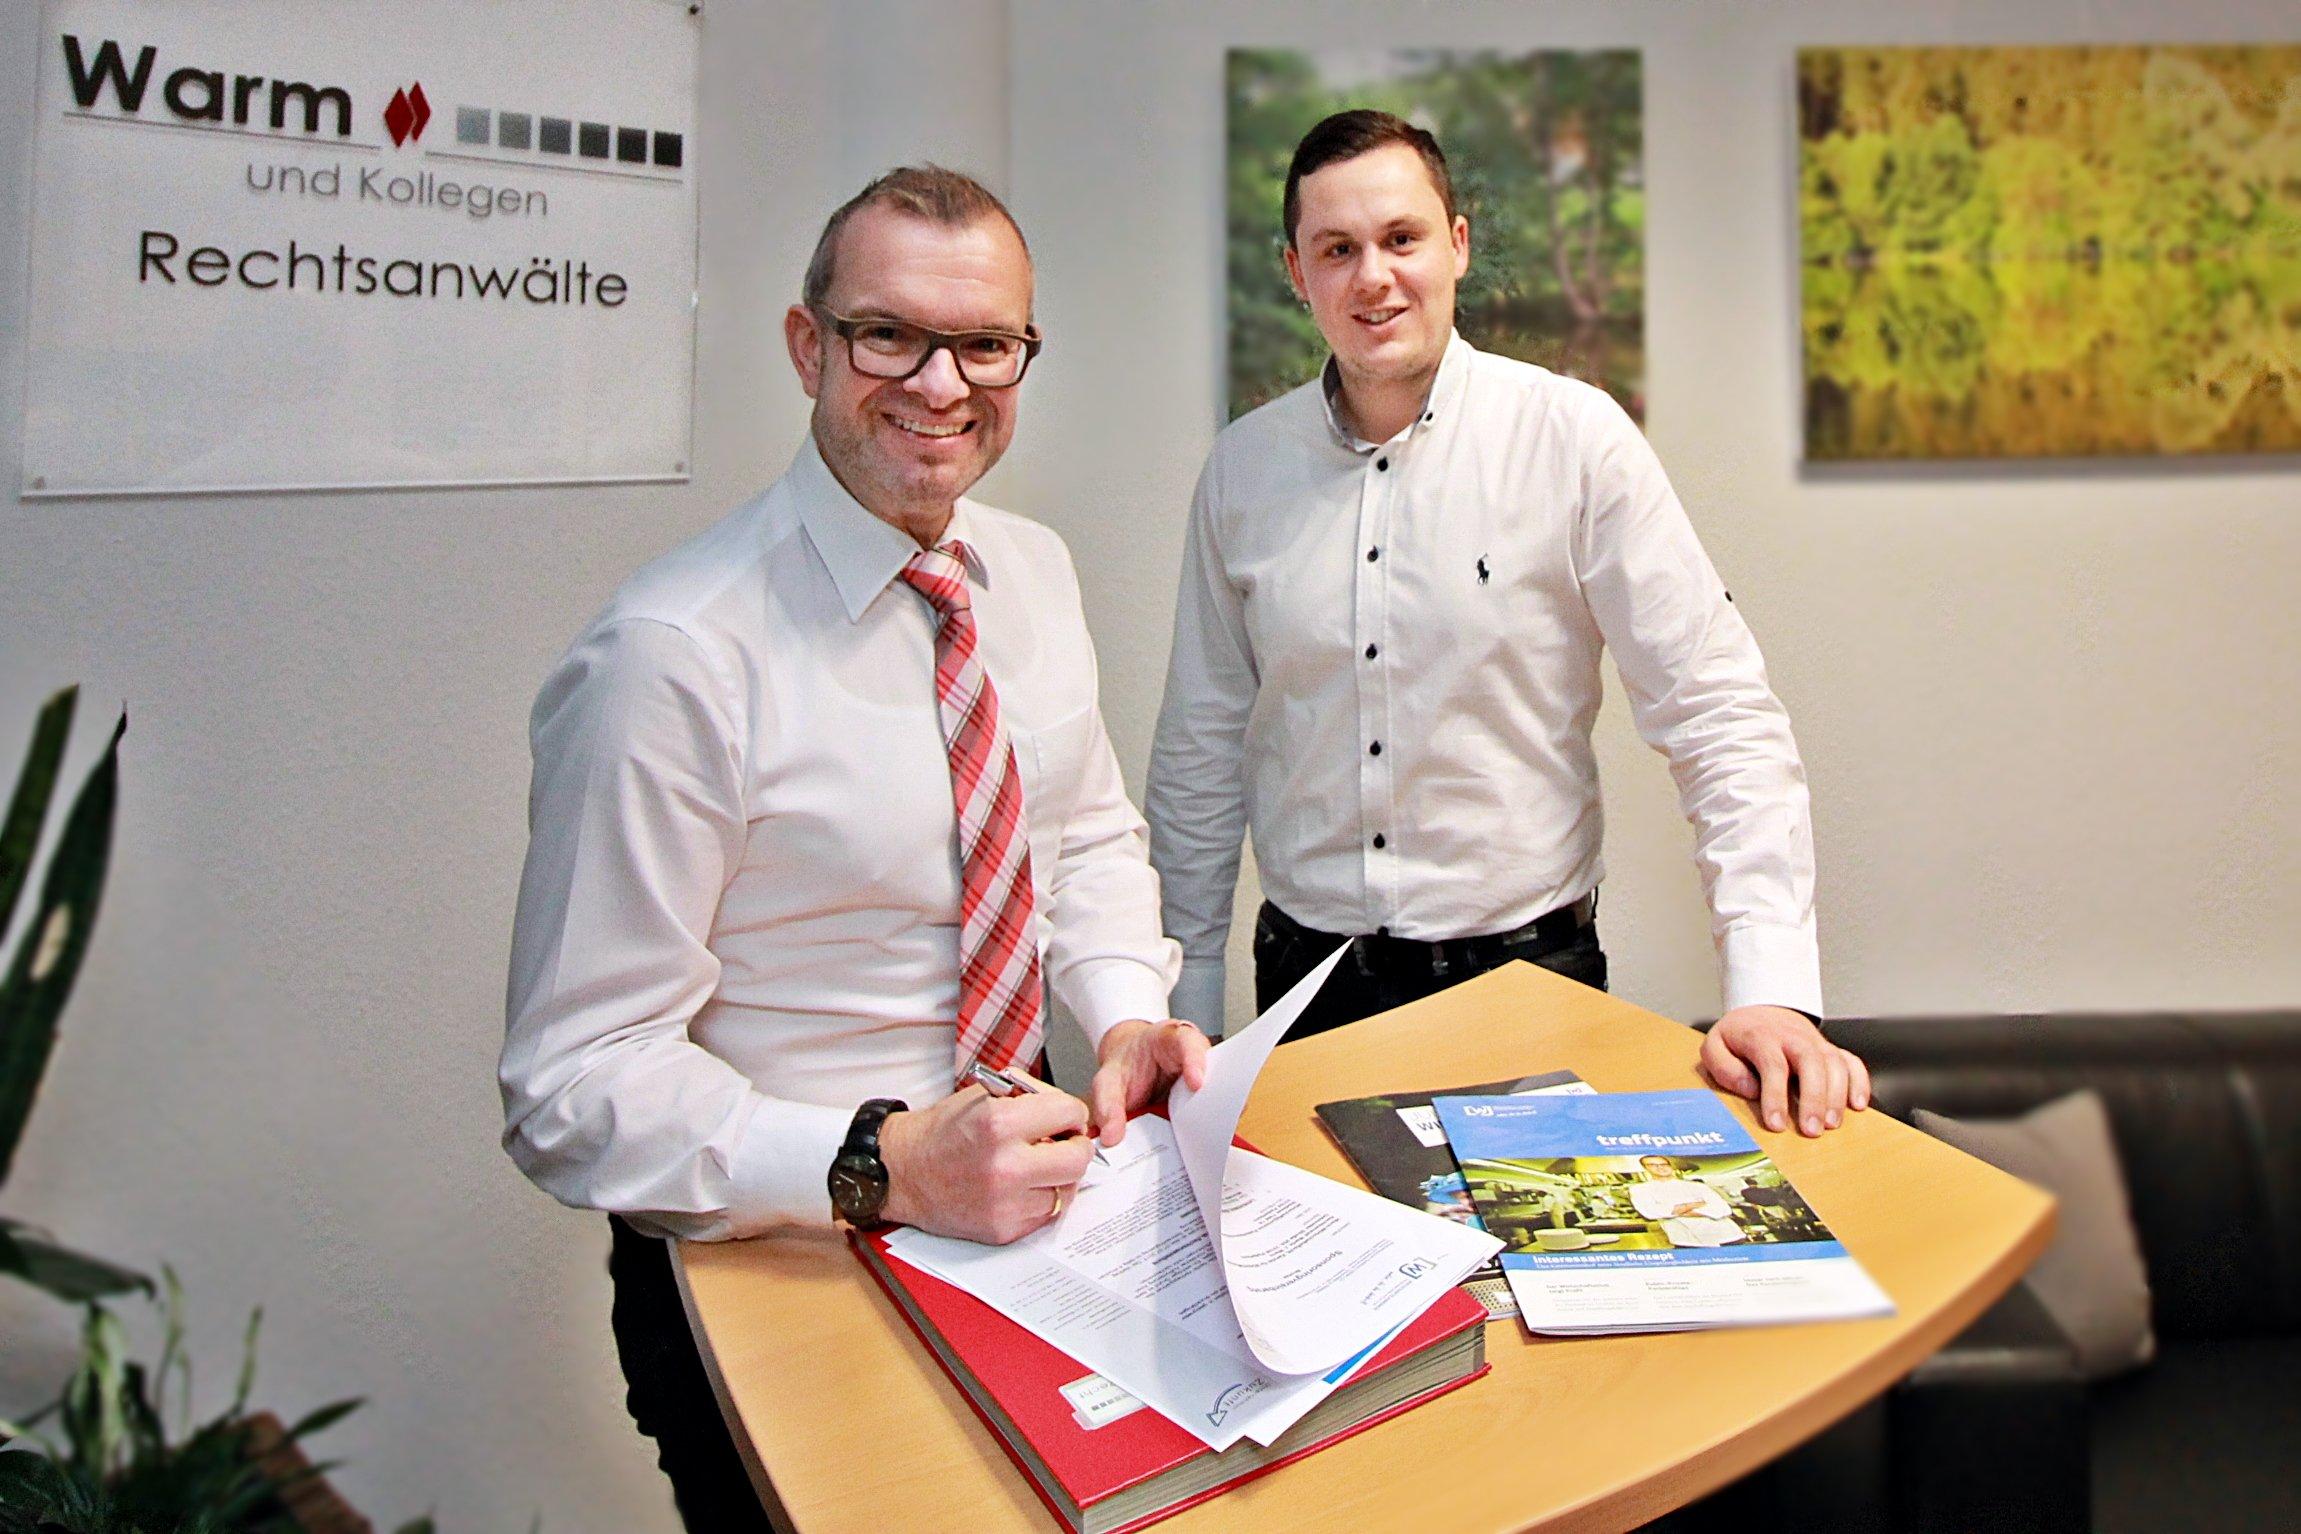 Wirtschaftsclubmitglied Rechtsanwalt Martin J. Warm mit dem Geschäftsführer der Wirtschaftsjunioren Paderborn + Höxter Daniel Beermann bei der Vertragsunterzeichnung